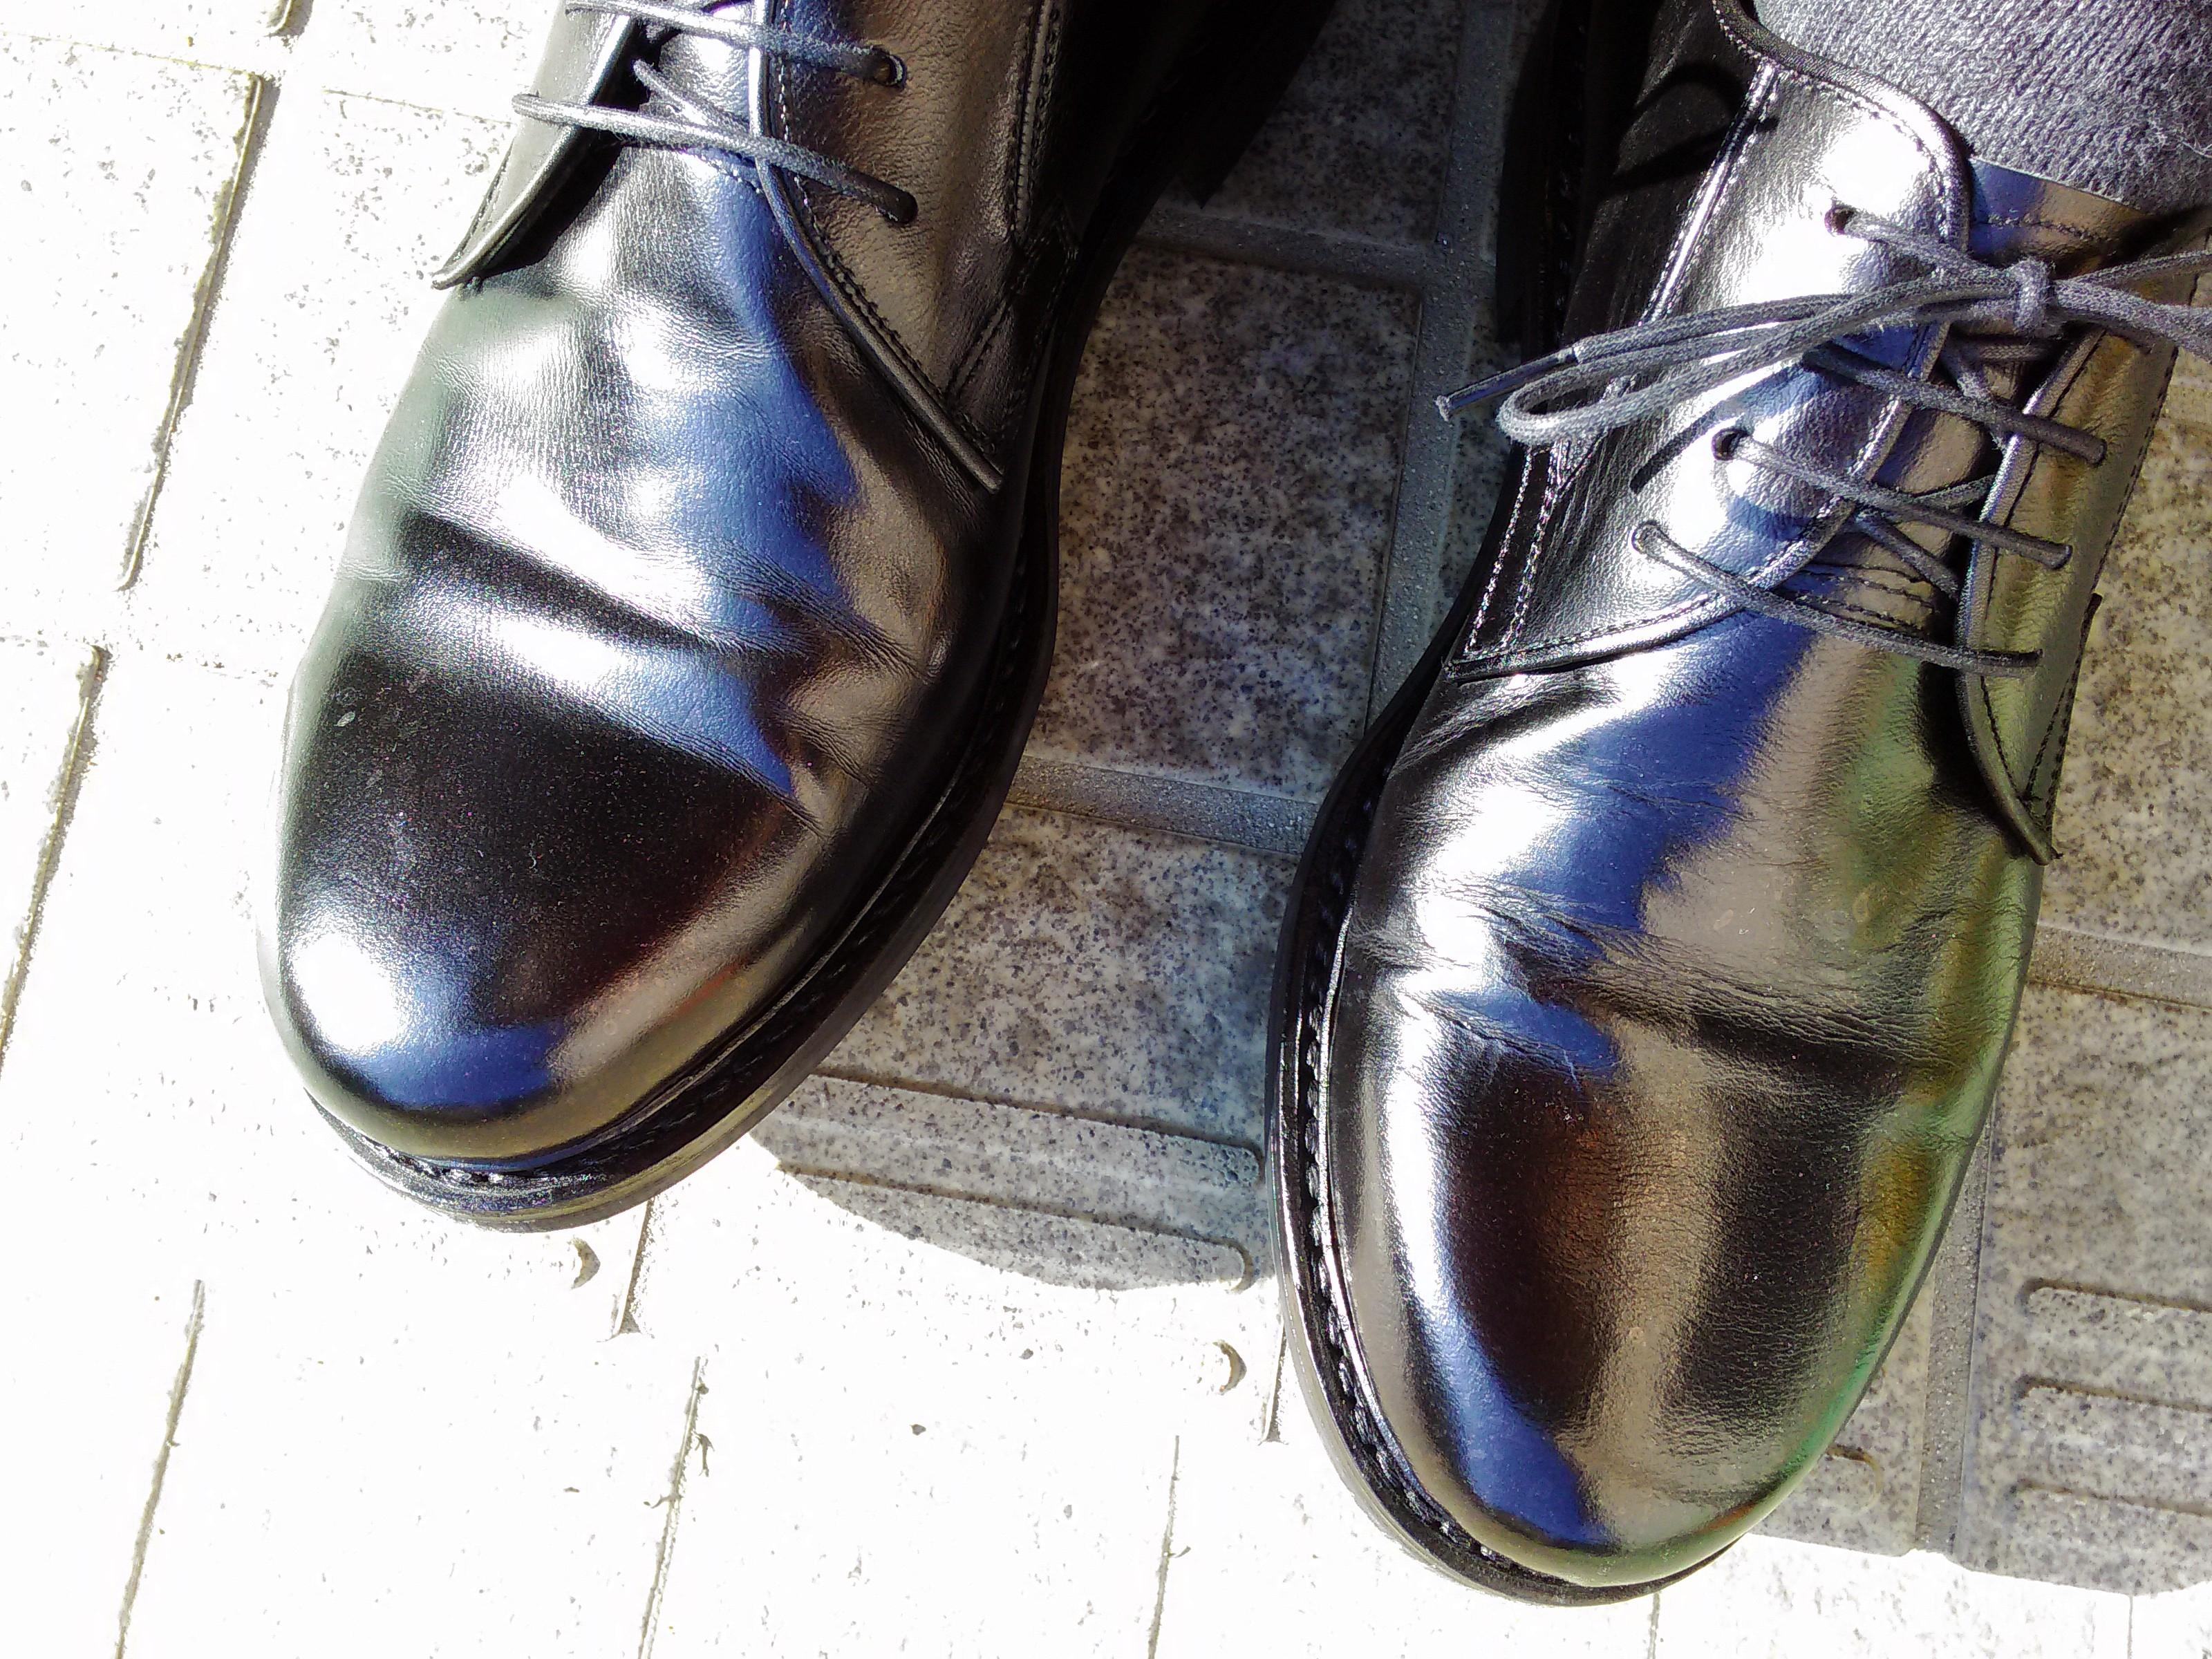 [1439-201706] 「ガラス仕上げの革靴にクリームは必要か。意味があるのか。」そんな素朴だけれど答のない問いに答えてみます。